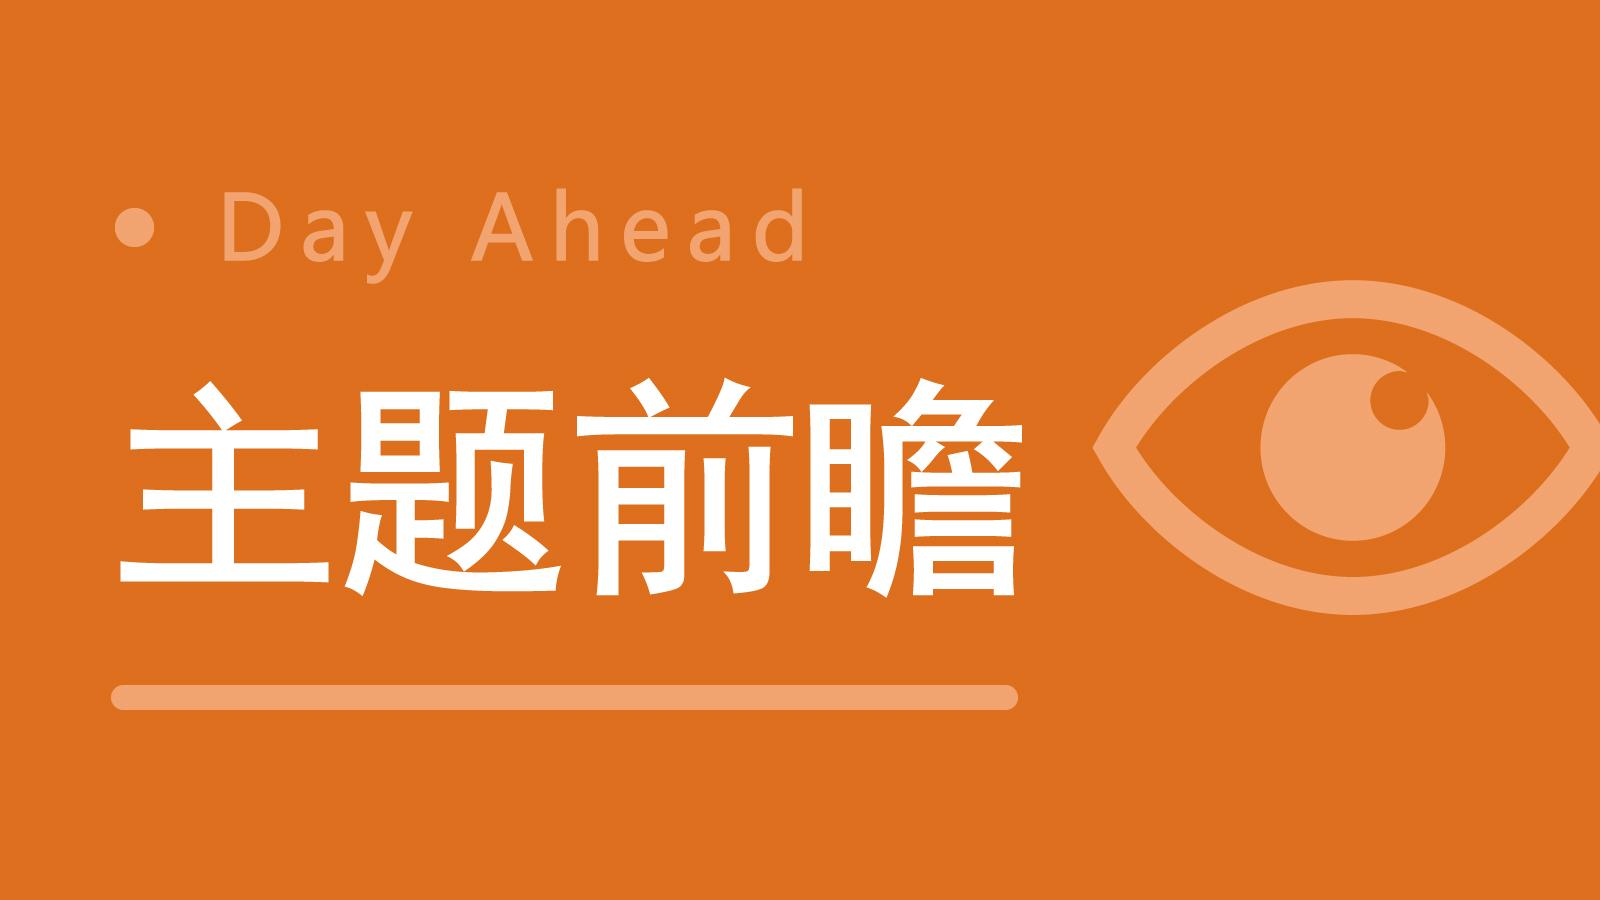 华为将发布首款Mini LED智慧屏,猪粮比价连续回升